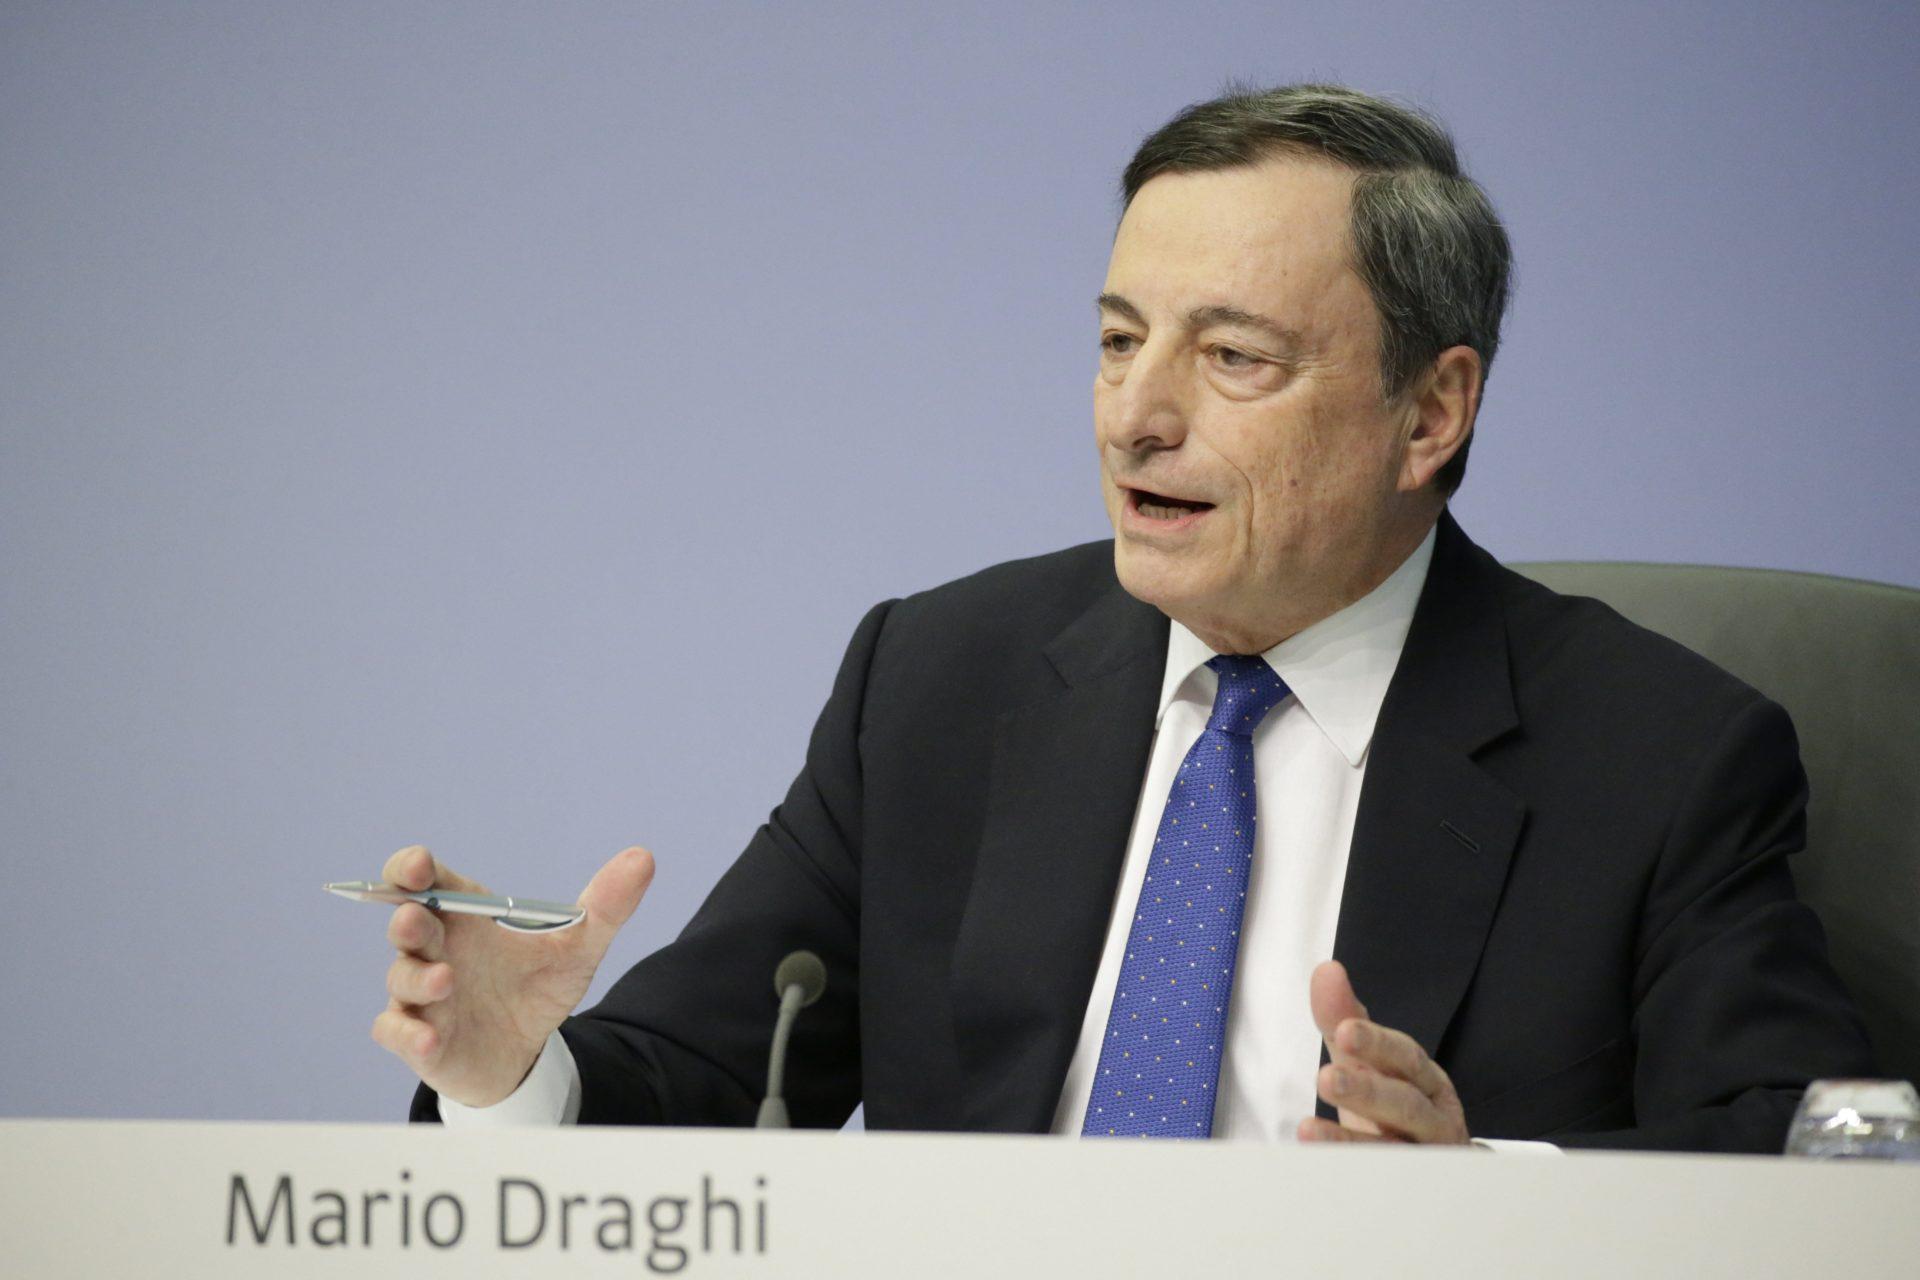 Mario Draghi - ECB - European Central Bank